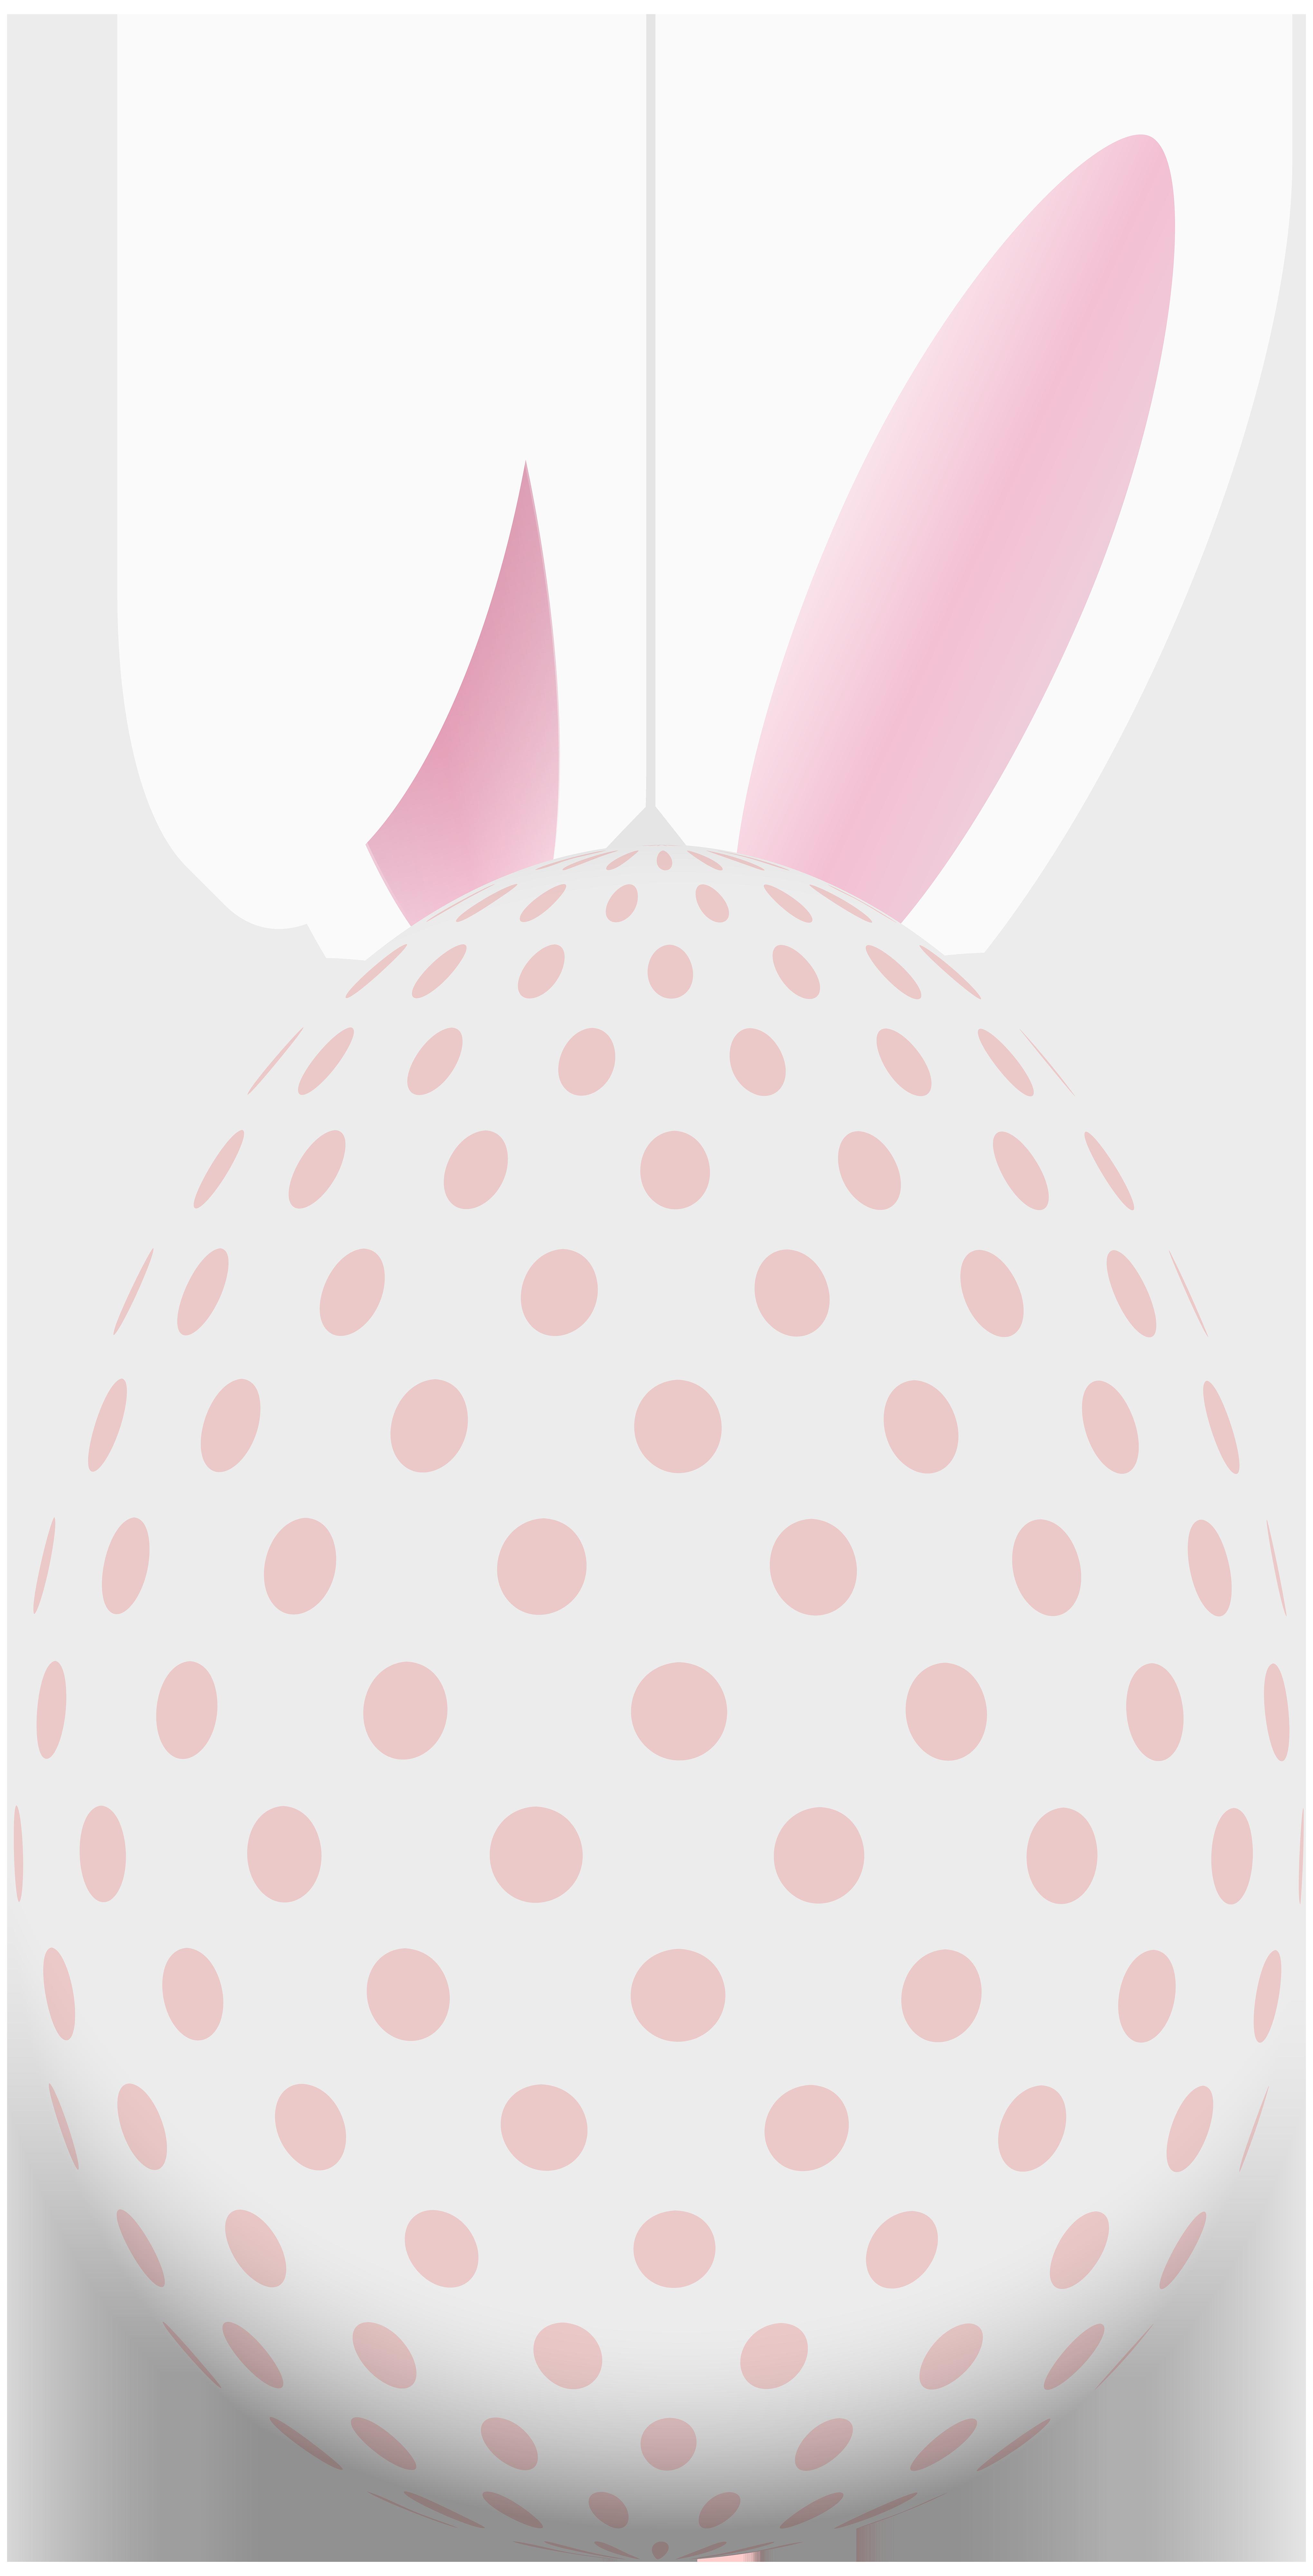 Ear clipart all ear. Easter egg with bunny